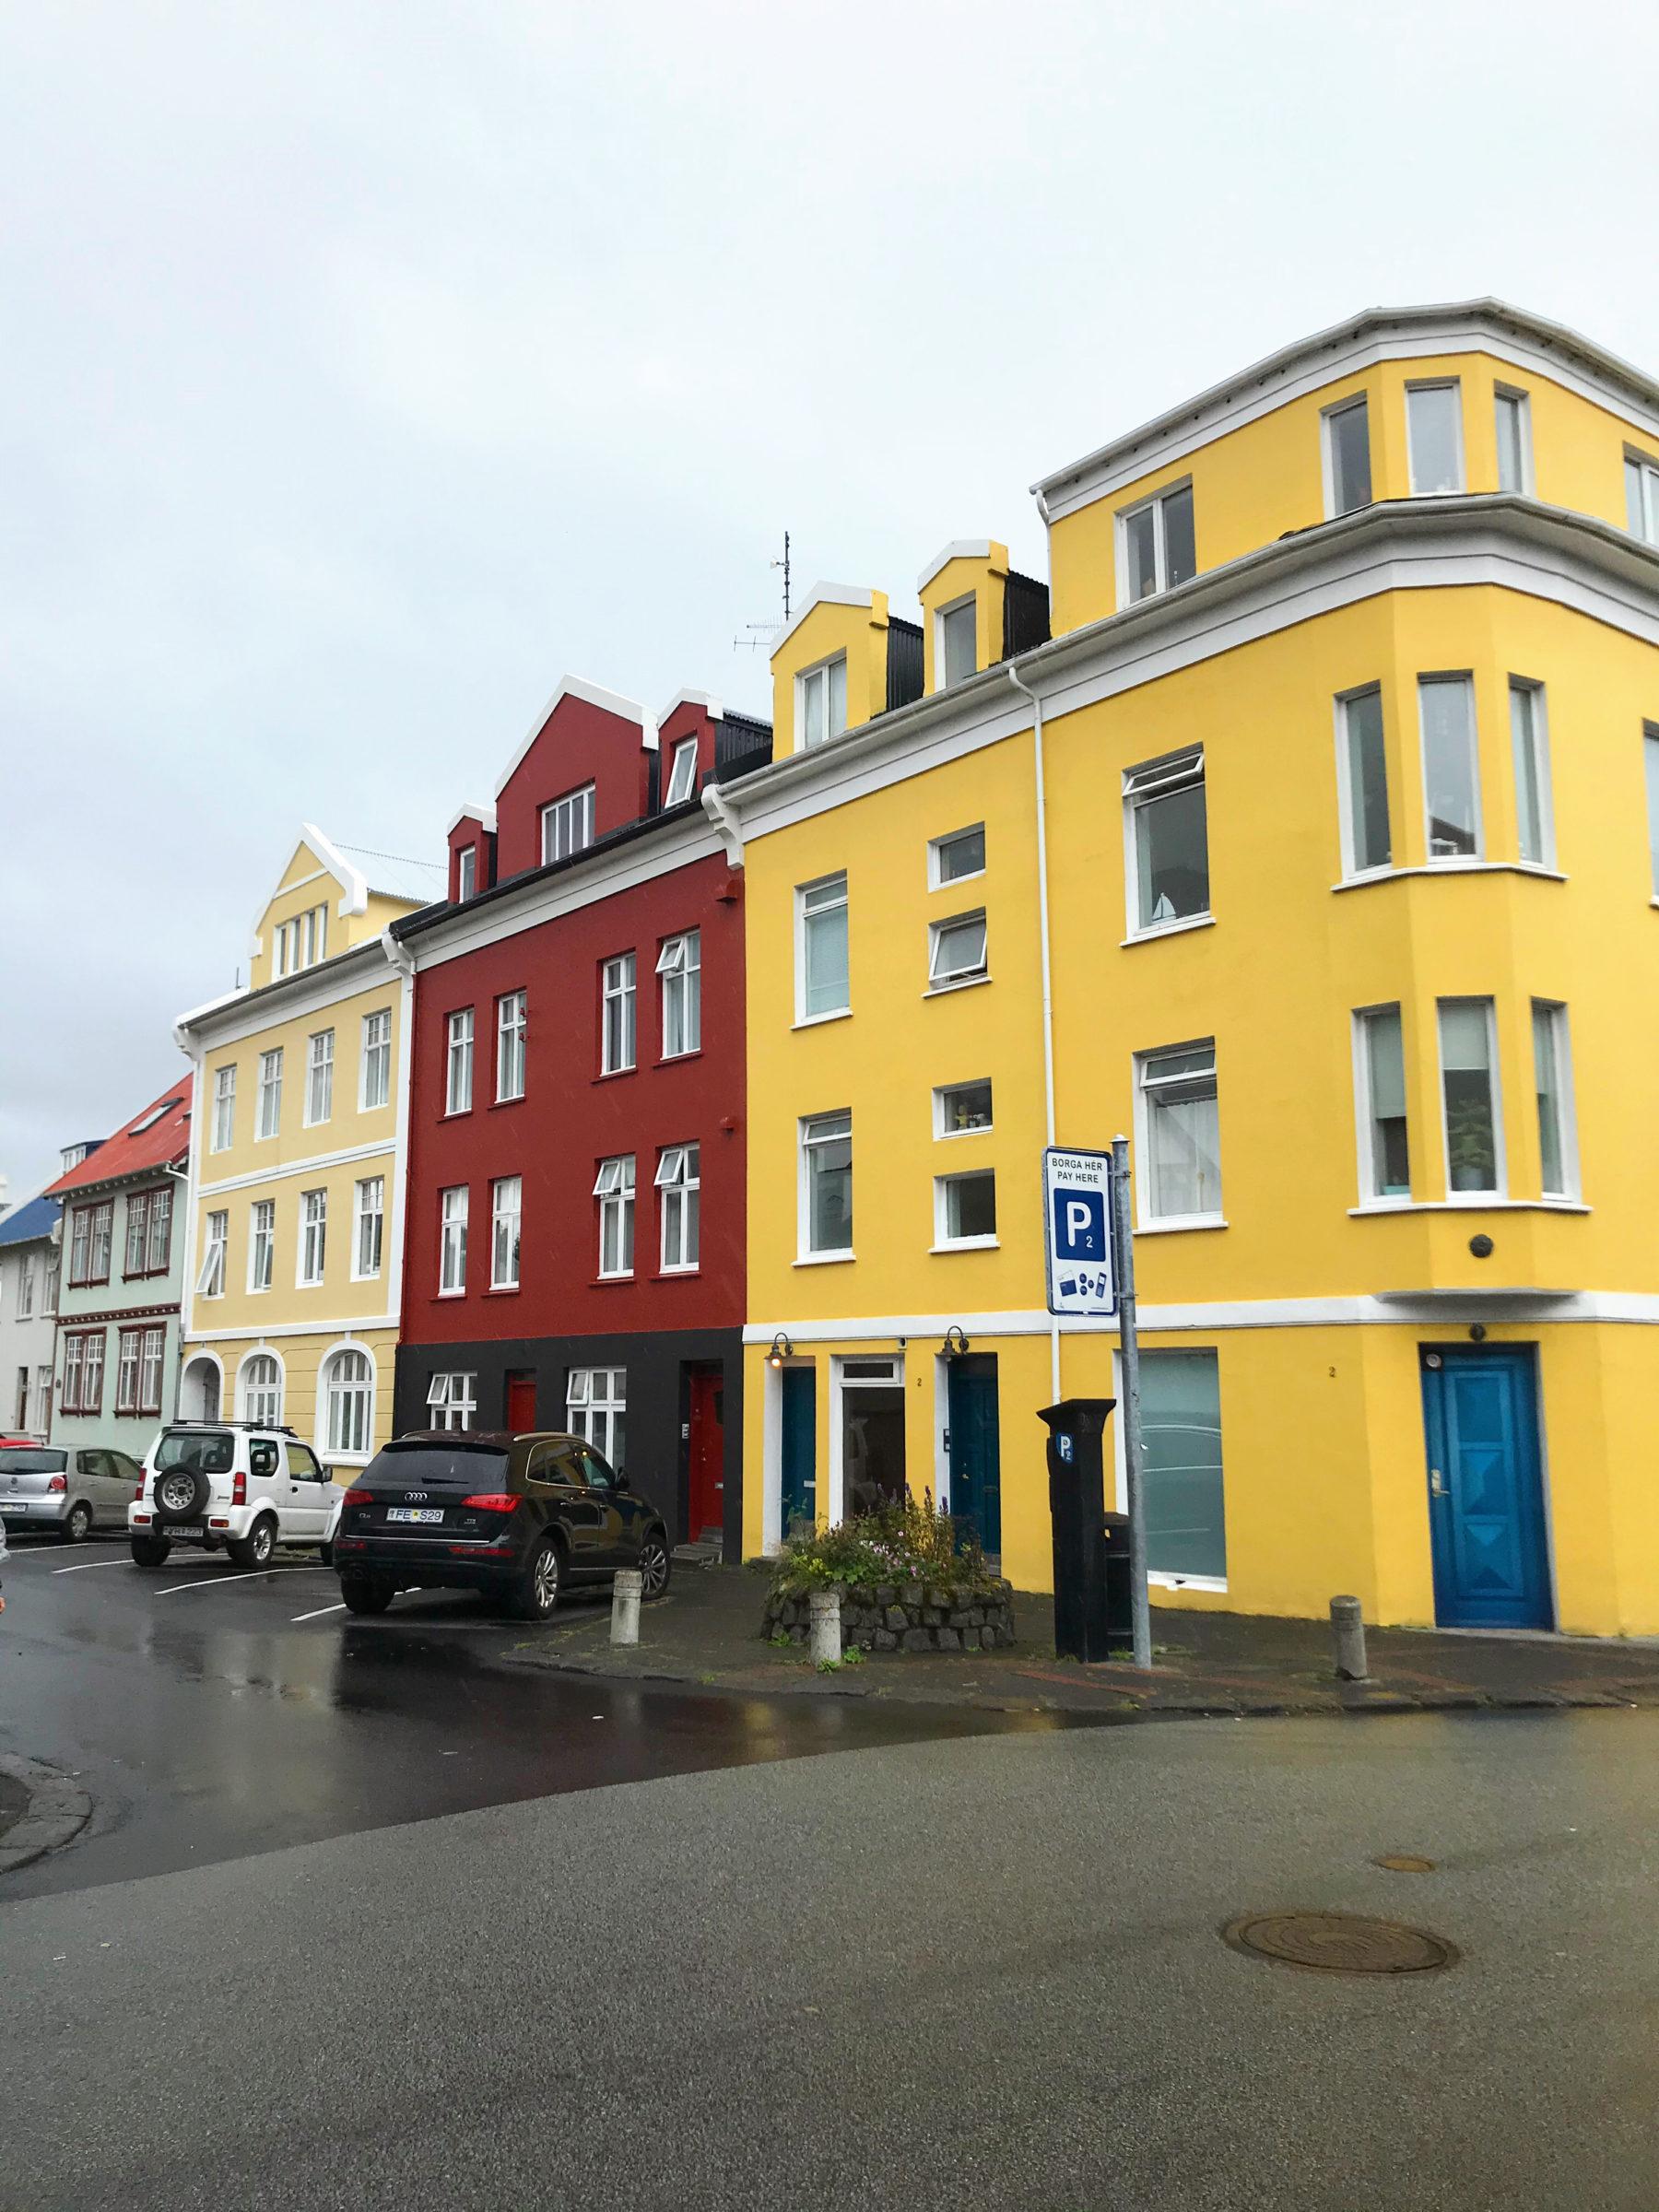 Hus i Reykjavík